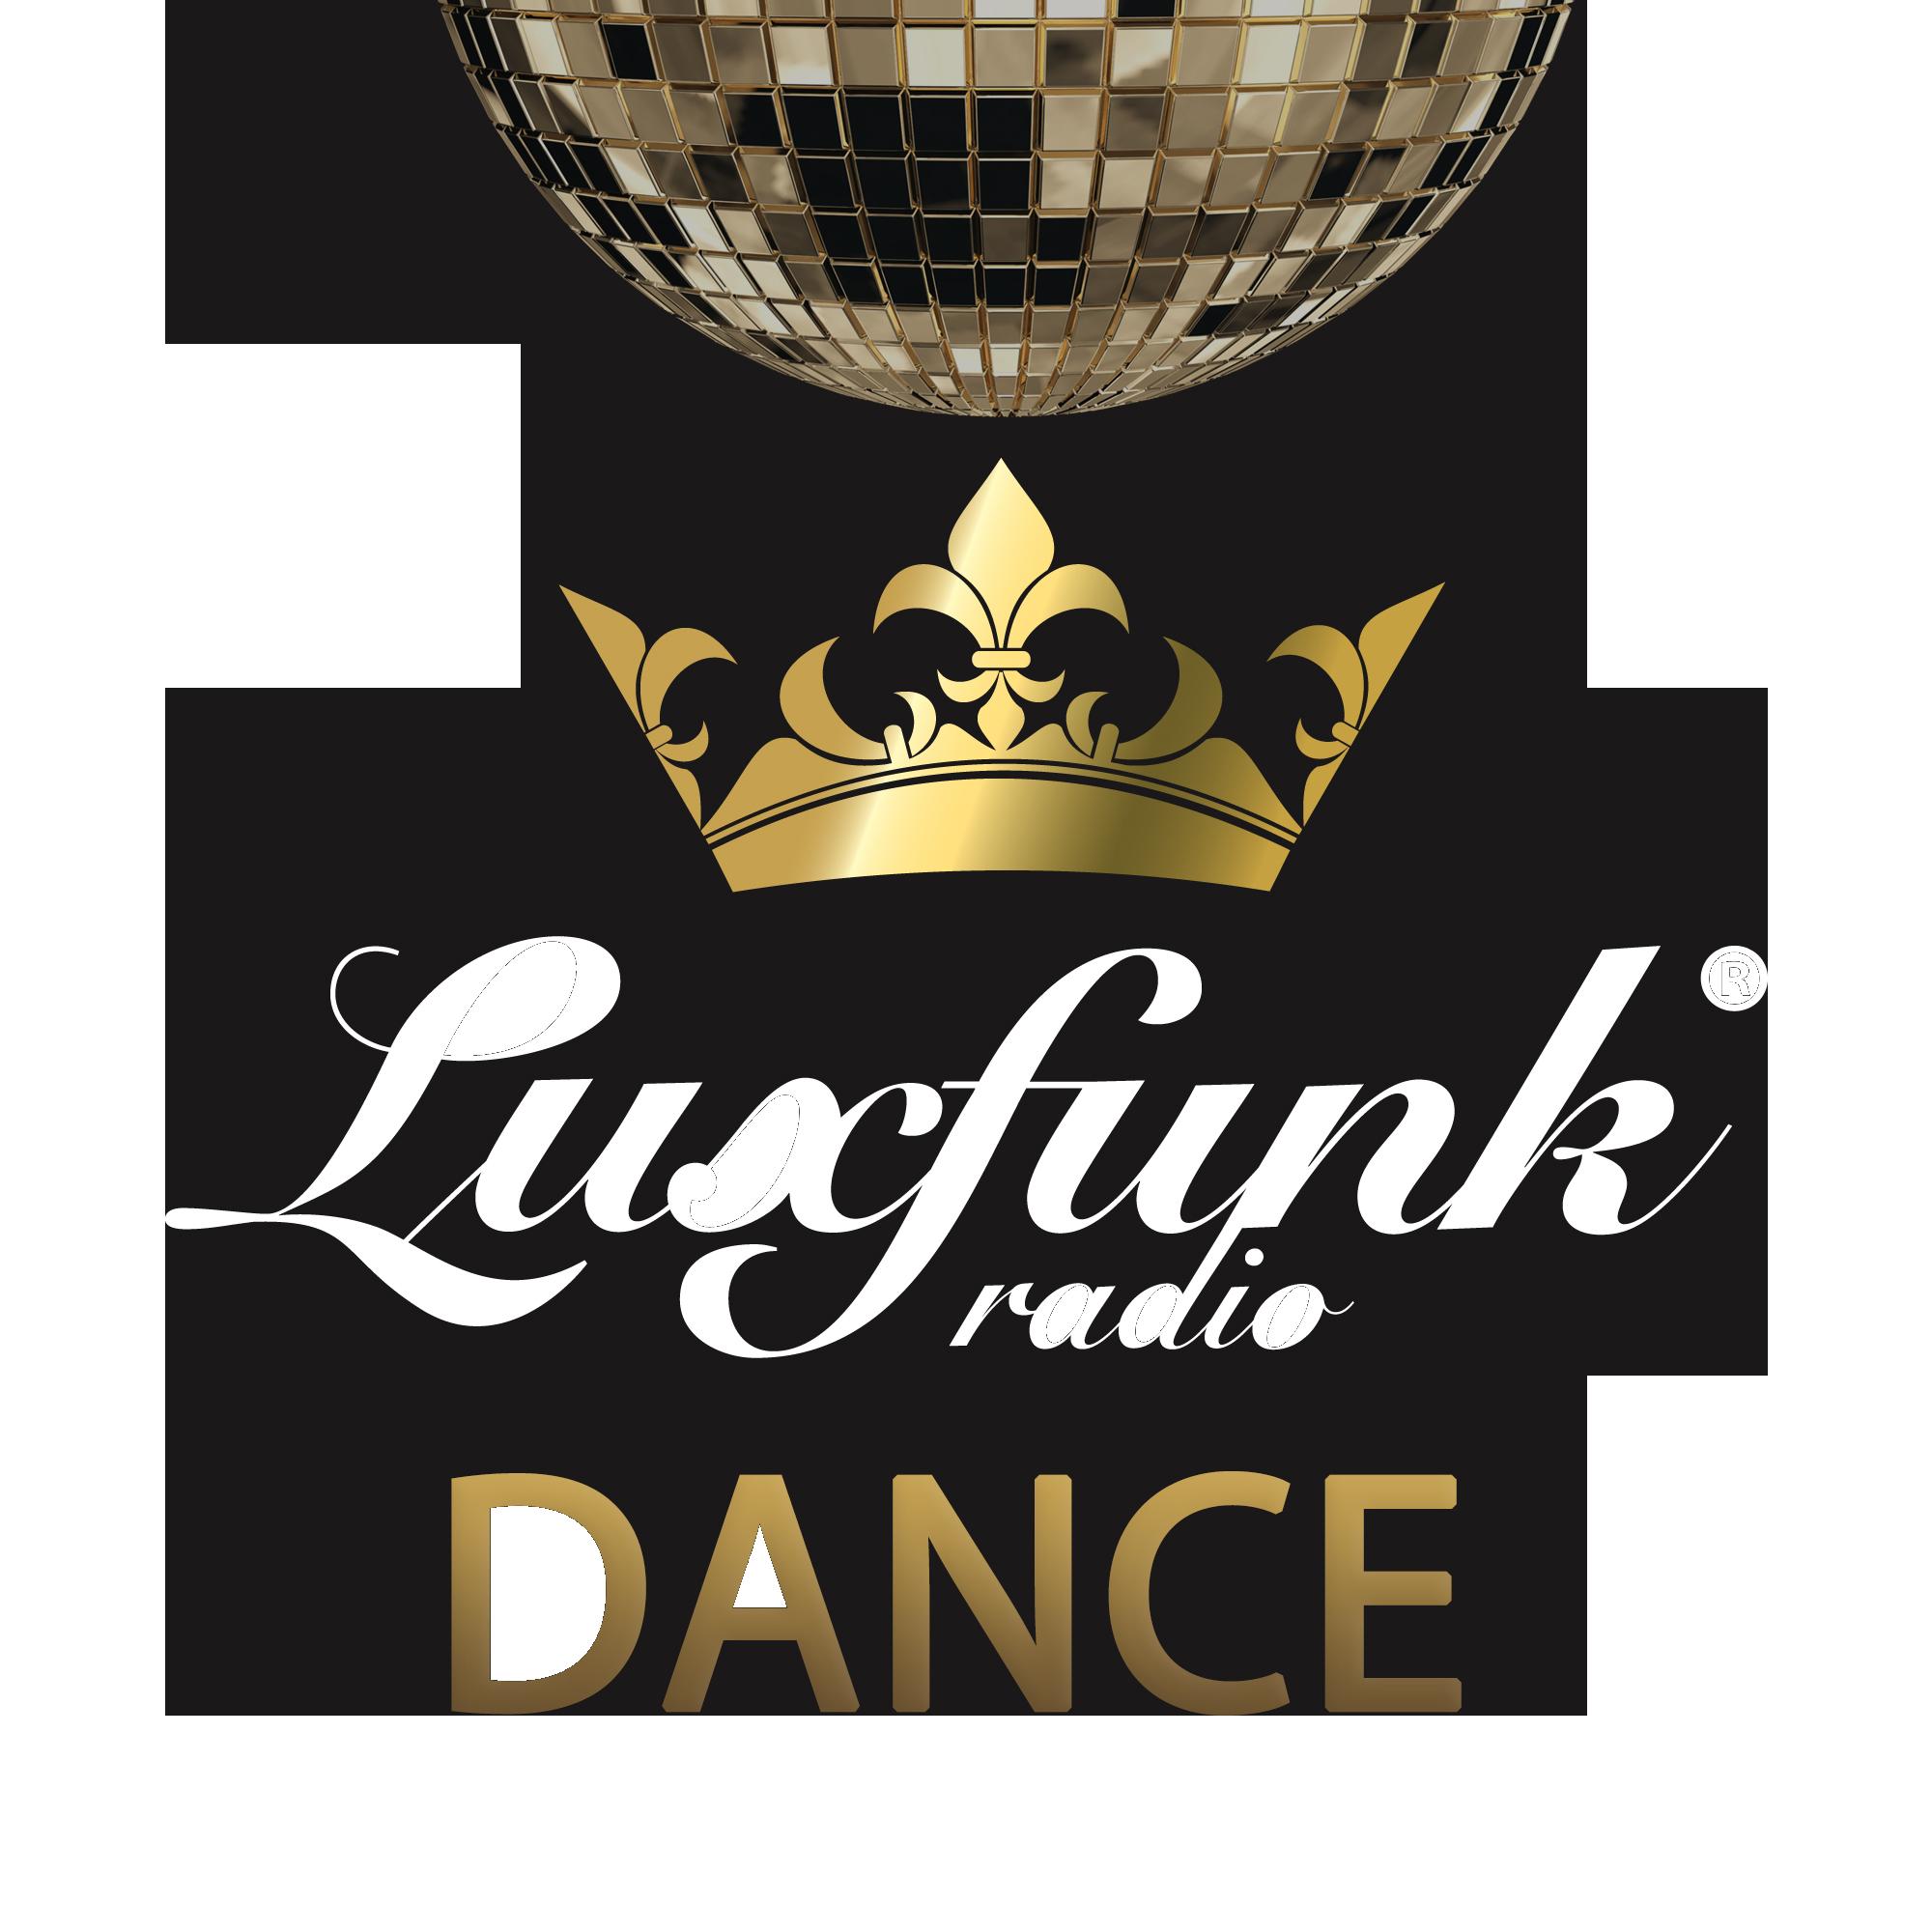 Minden pénteken és szombaton este 9 óra és éjfél között instant party az otthonodban, ami után nem kell takarítanod! A Luxfunk Dance-ben ugyanis vérpezsdítő fekete zenék, az eddigi Luxfunk Party-k hanganyagai dübörögnek felvételről. Ettől lerepül a hajad!